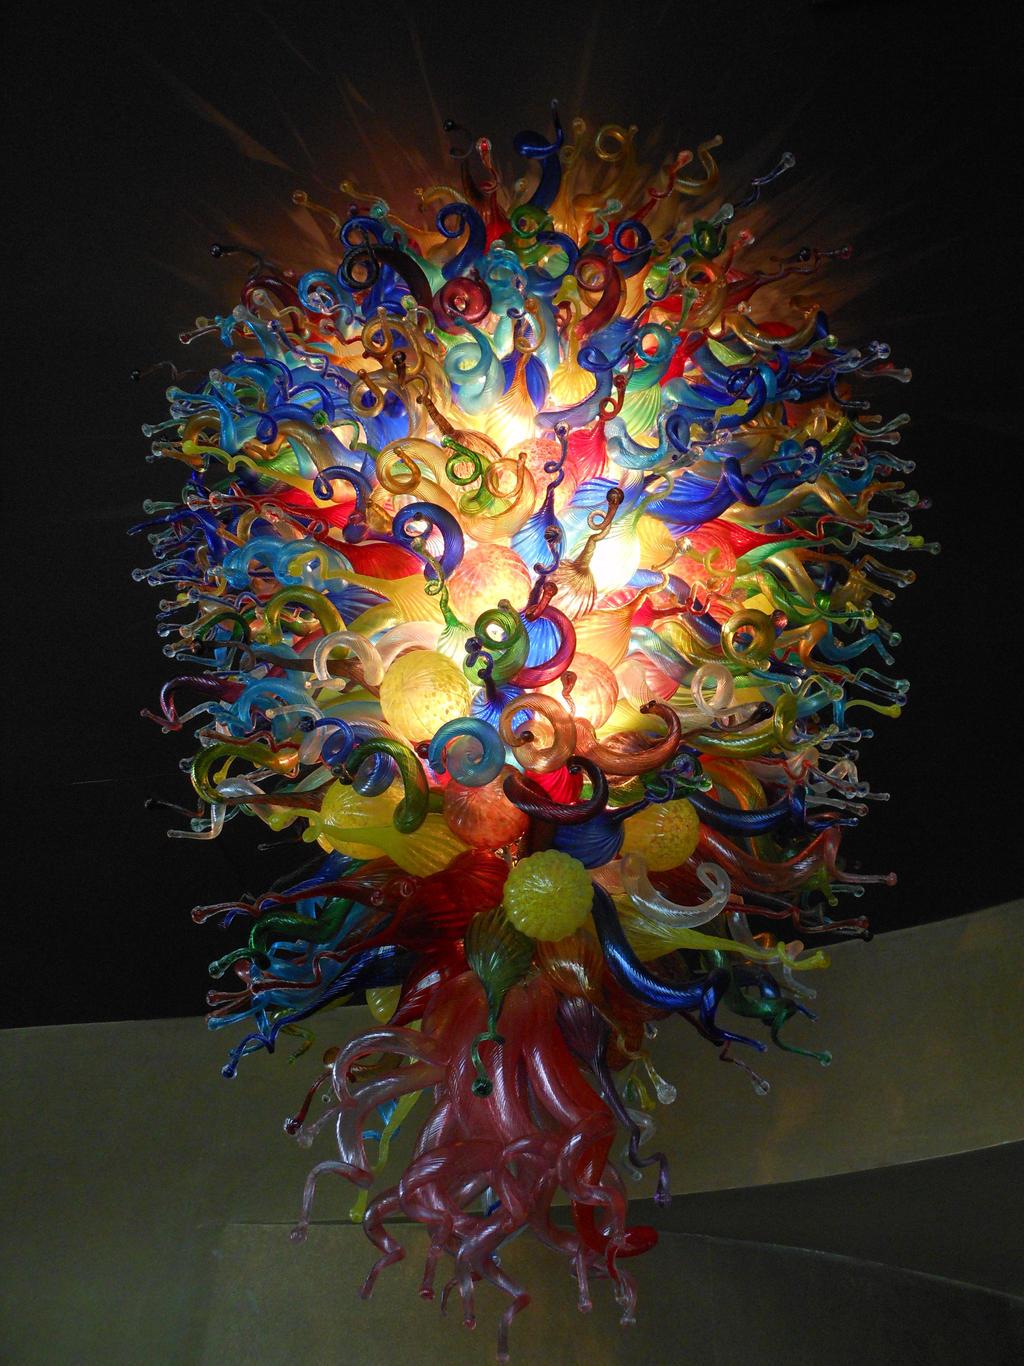 Blown Glass Chandelier By Discoinferno84 On Deviantart